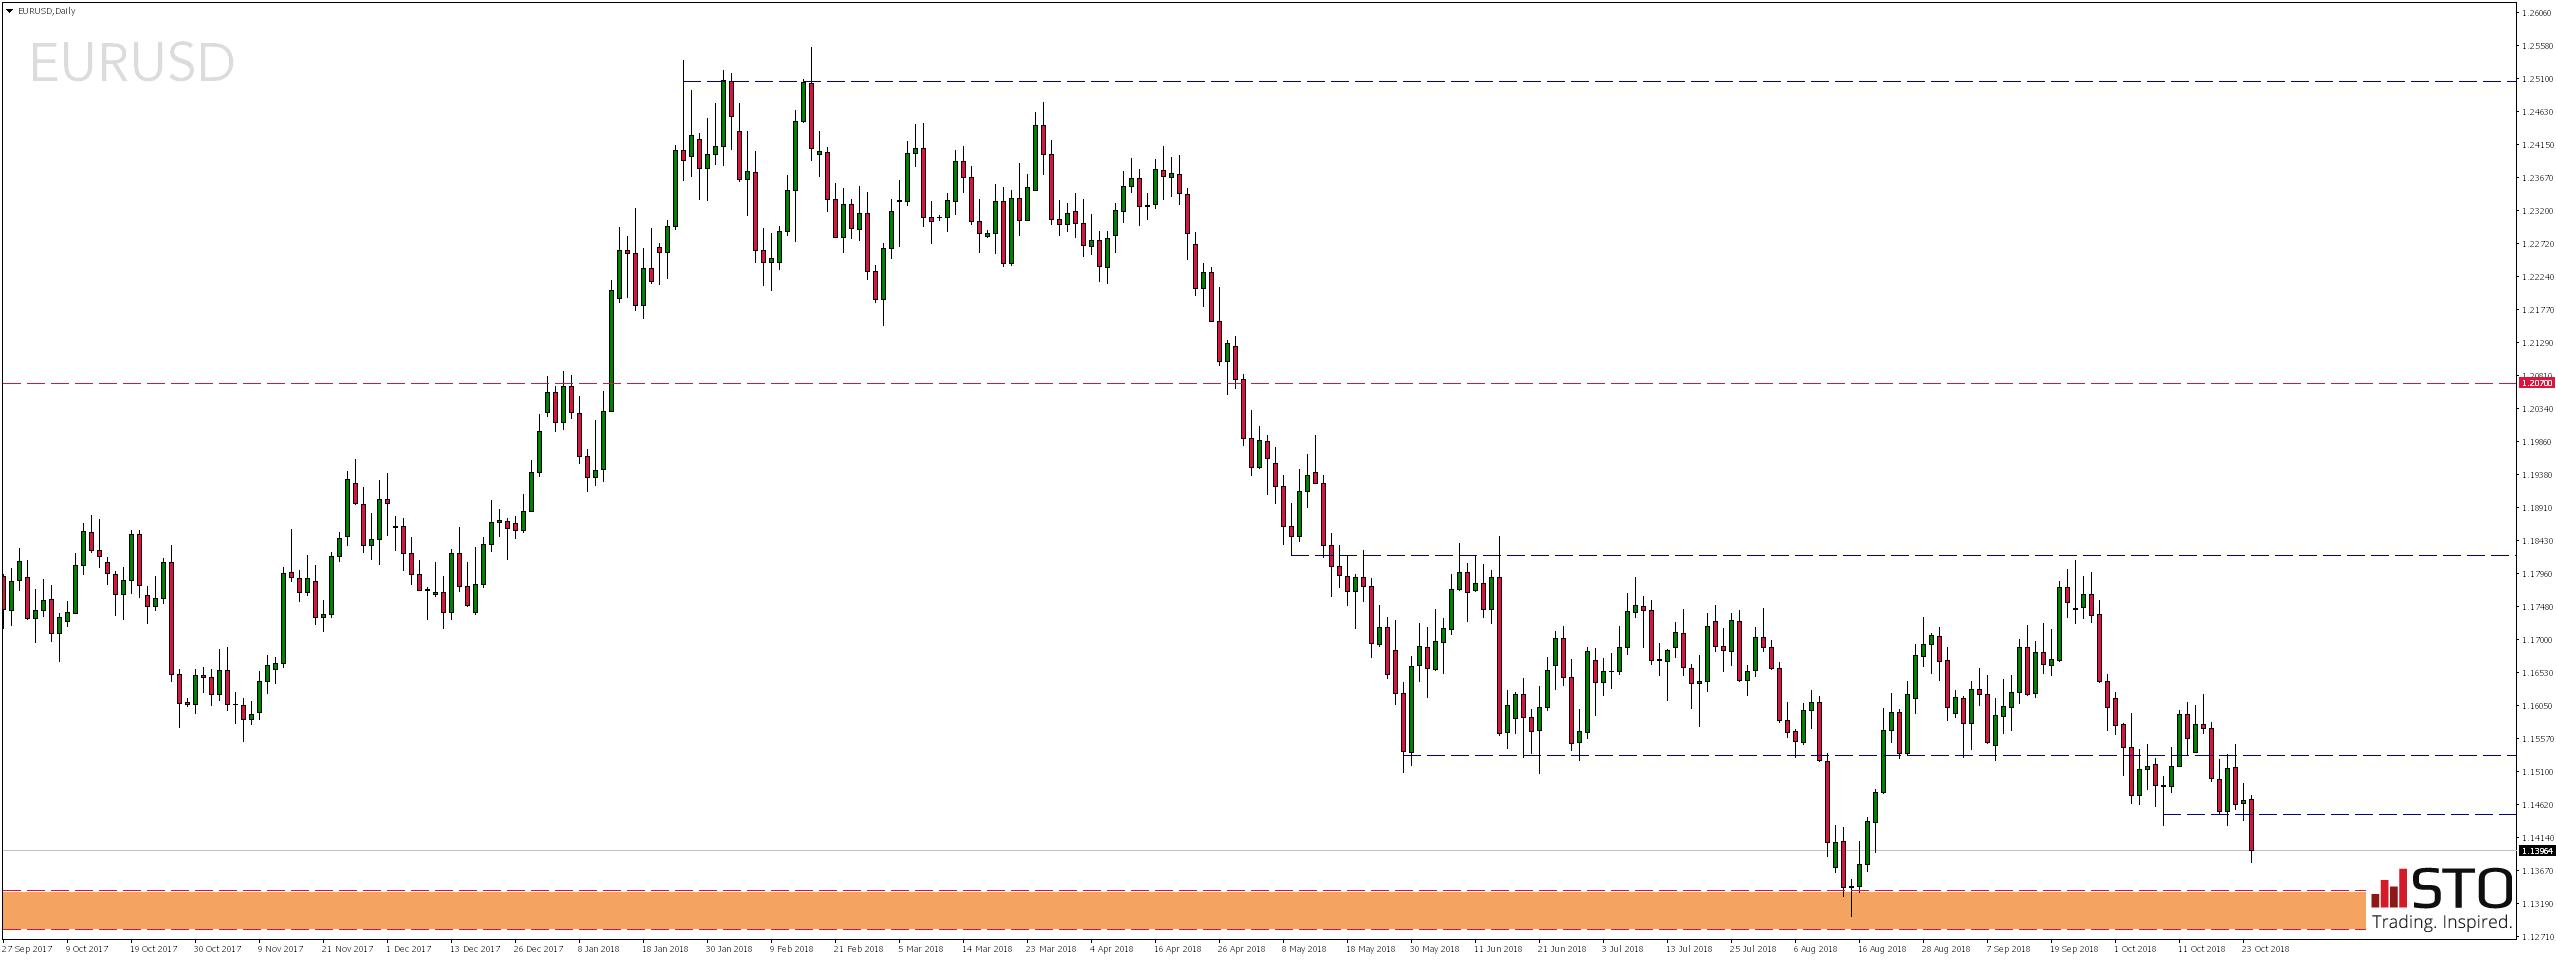 Środowy przegląd rynków - notowania pary walutowej EURUSD